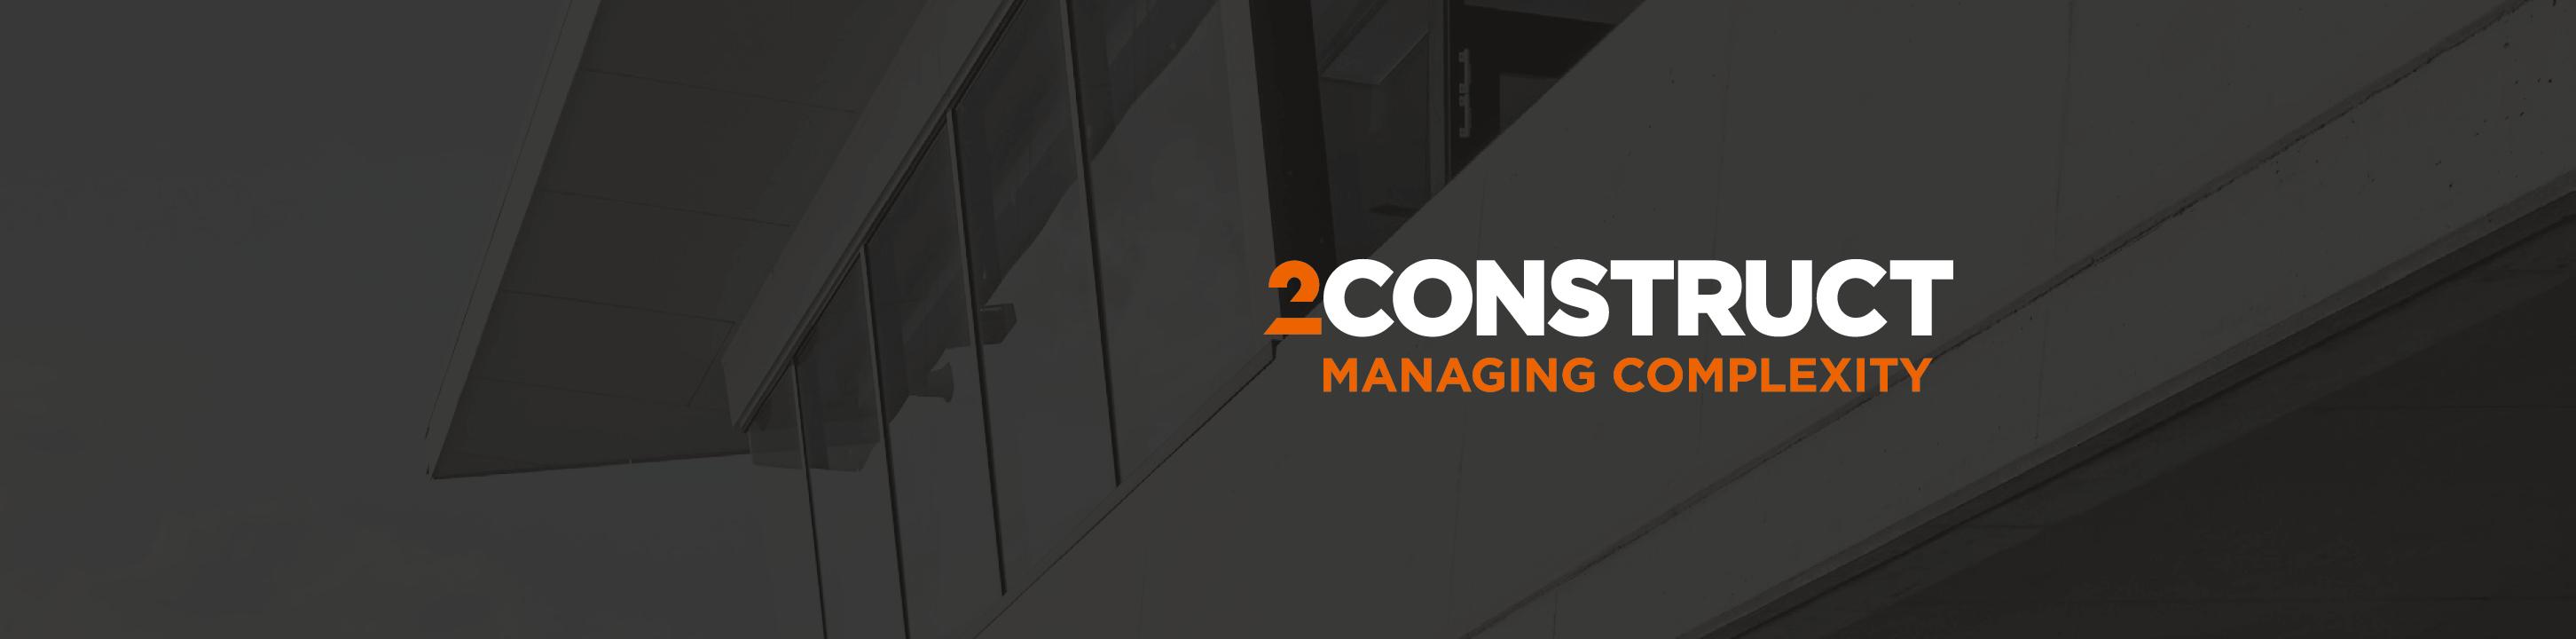 TCA_Website_2Construct_Content7